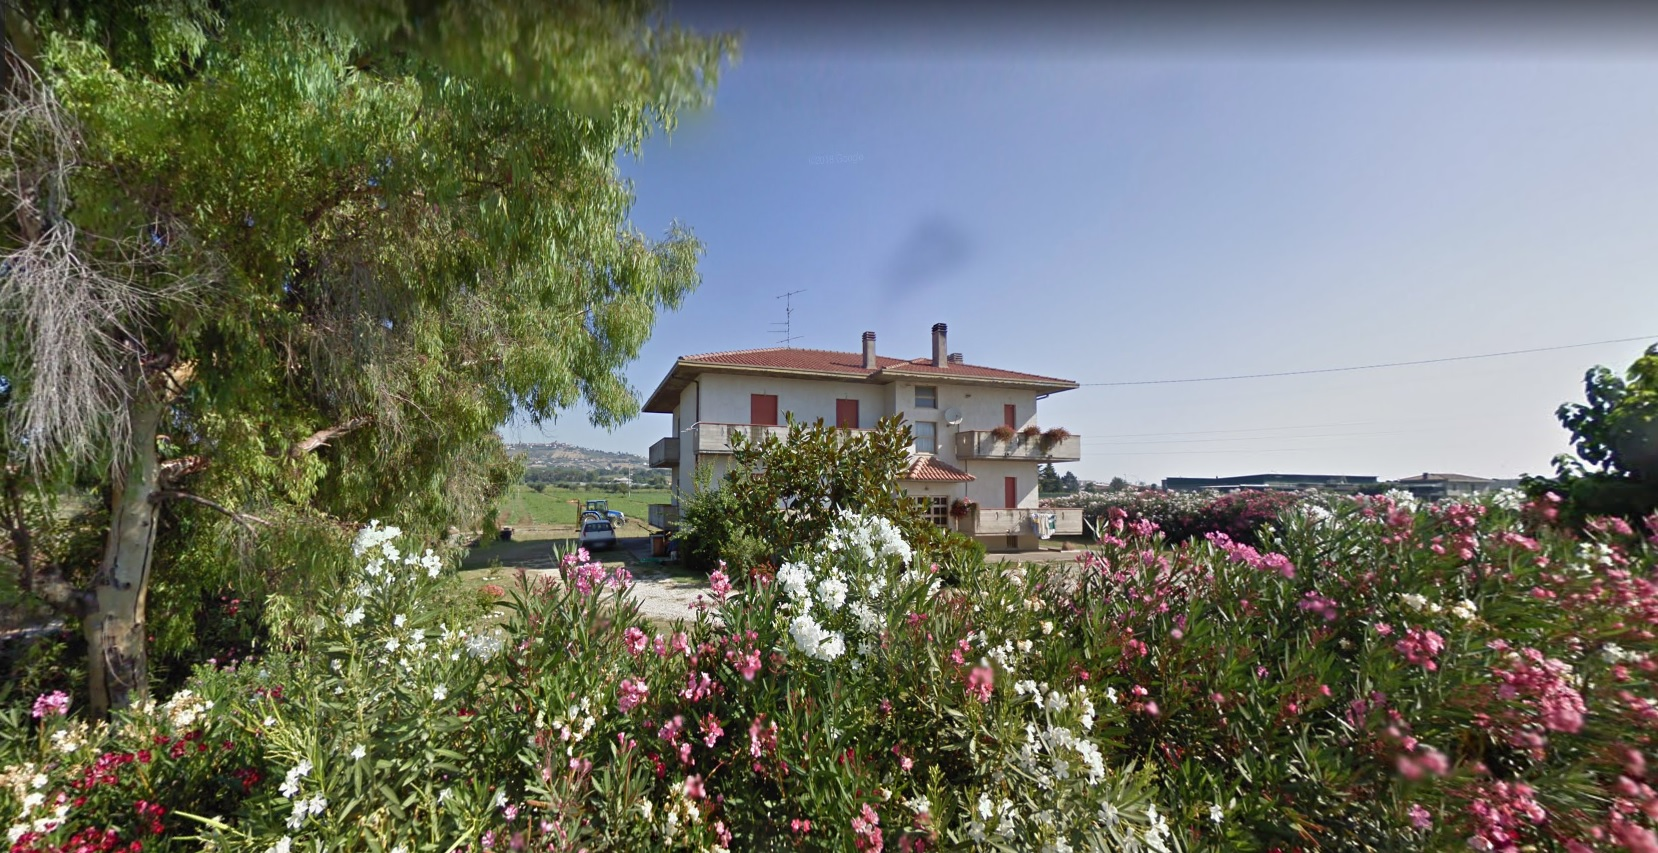 Terreno Agricolo in vendita a Roseto degli Abruzzi, 9999 locali, prezzo € 950.000 | CambioCasa.it